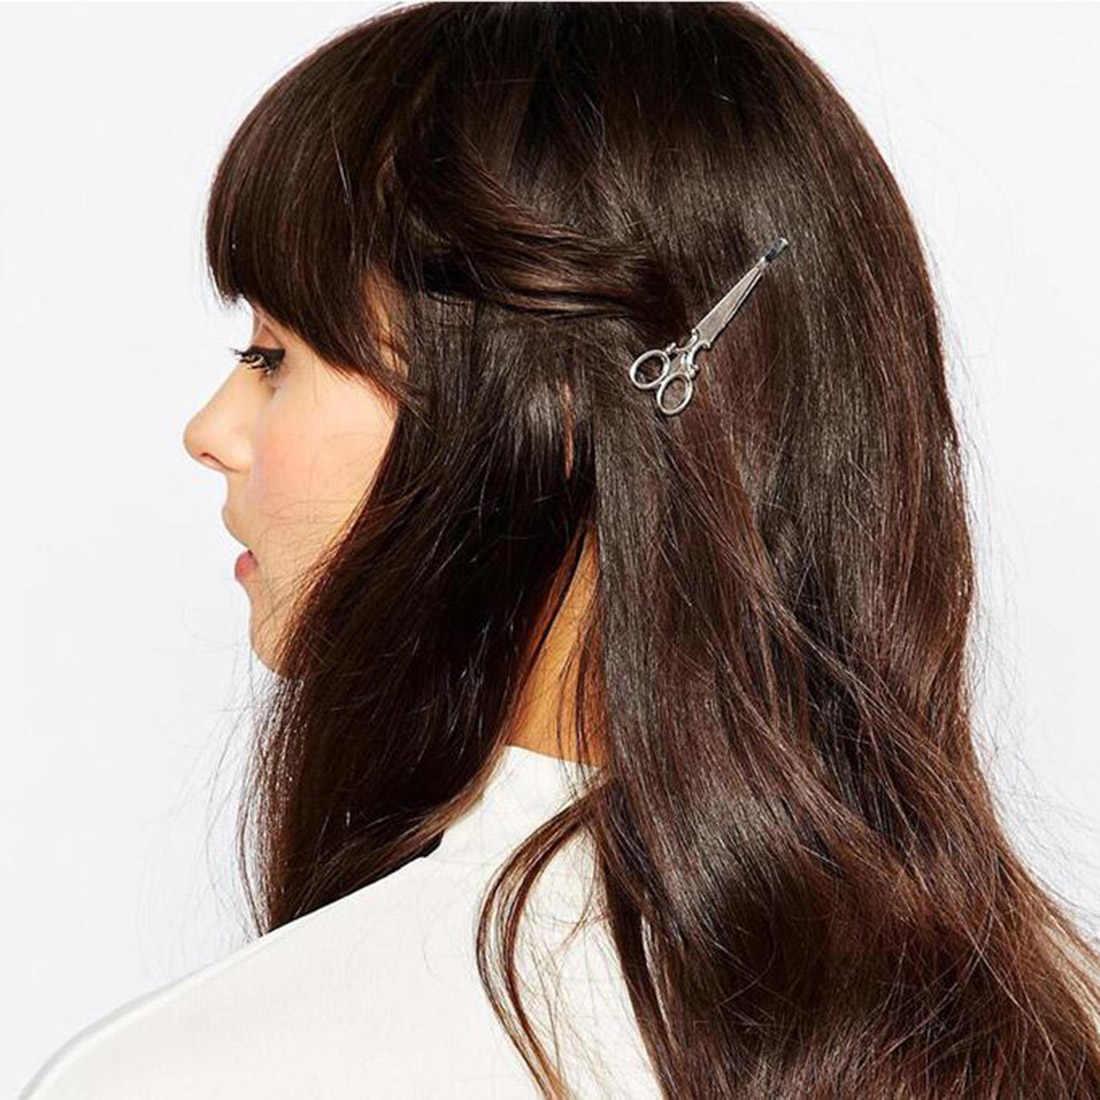 Venta superior 1 pieza tijera creativa forma mujeres señora niñas pinza de pelo delicado pasador de pelo Barrette accesorios para el cabello decoraciones